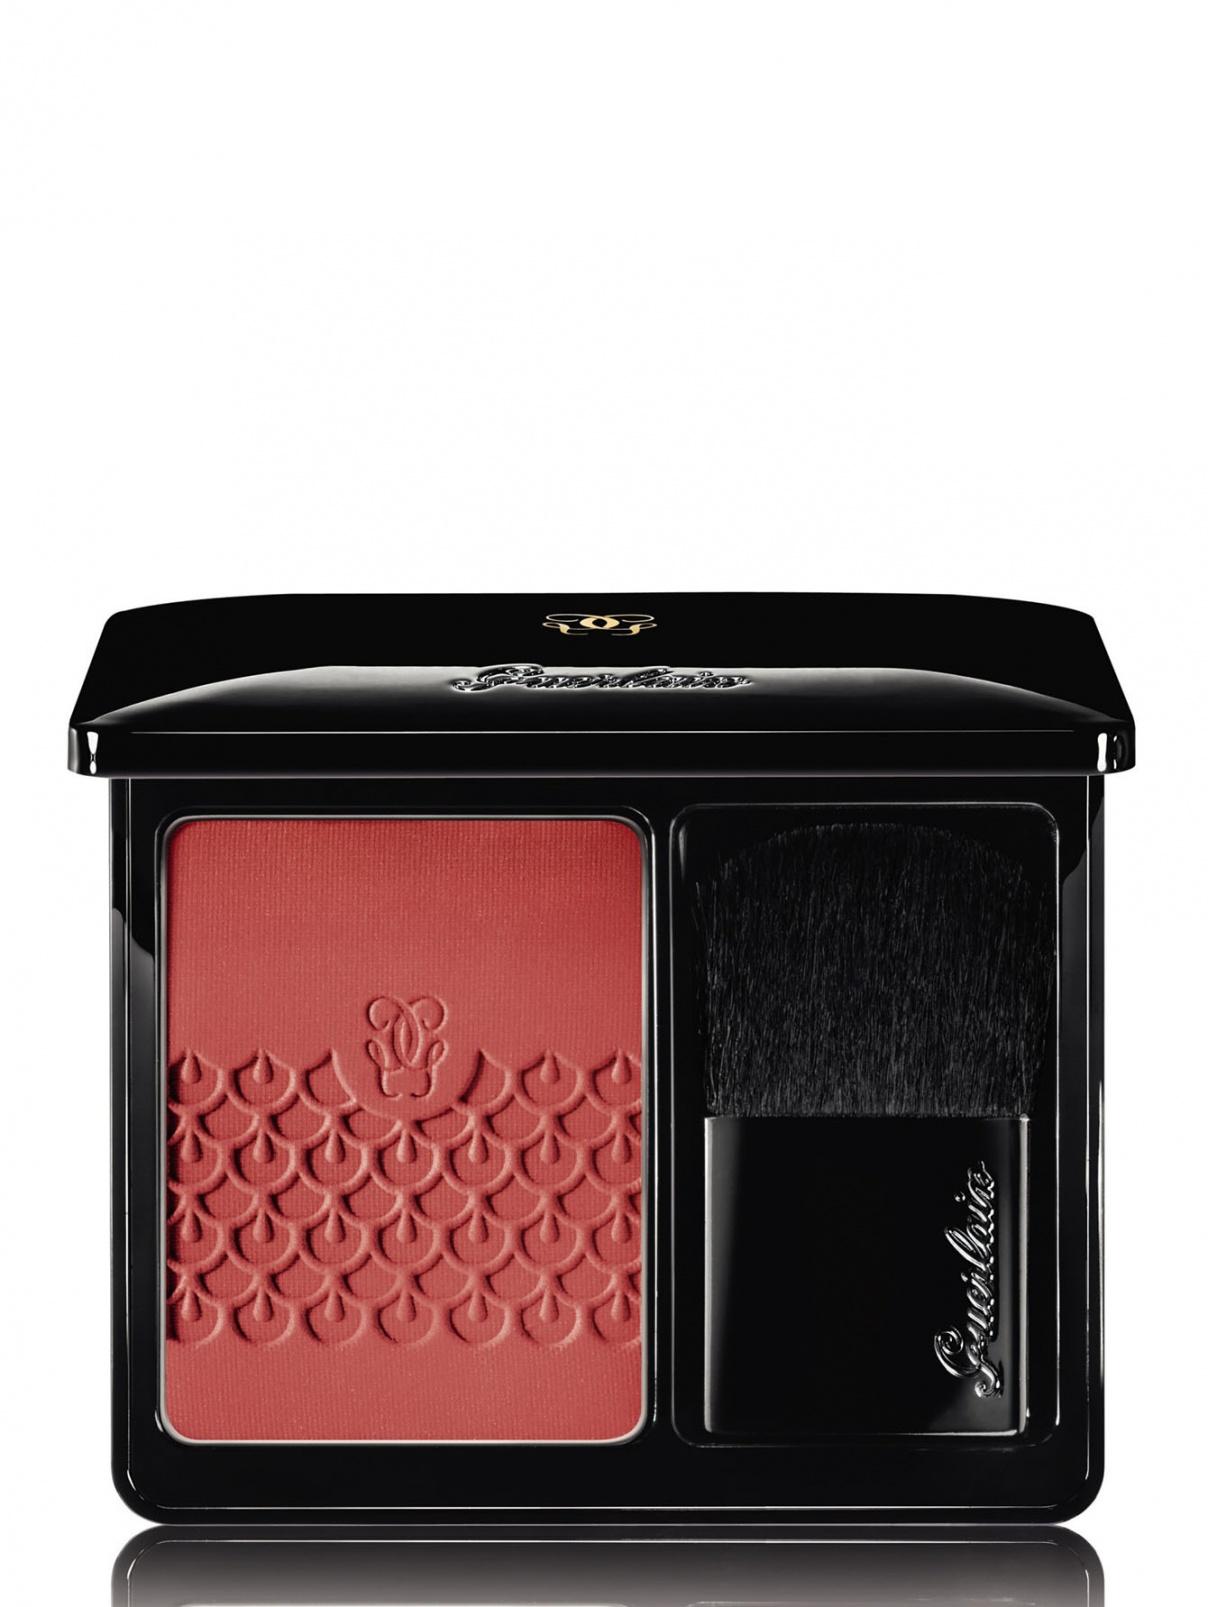 Румяна ROSE AUX JOUES, 02 Приглушенный розовый, 6,5 г Guerlain  –  Общий вид